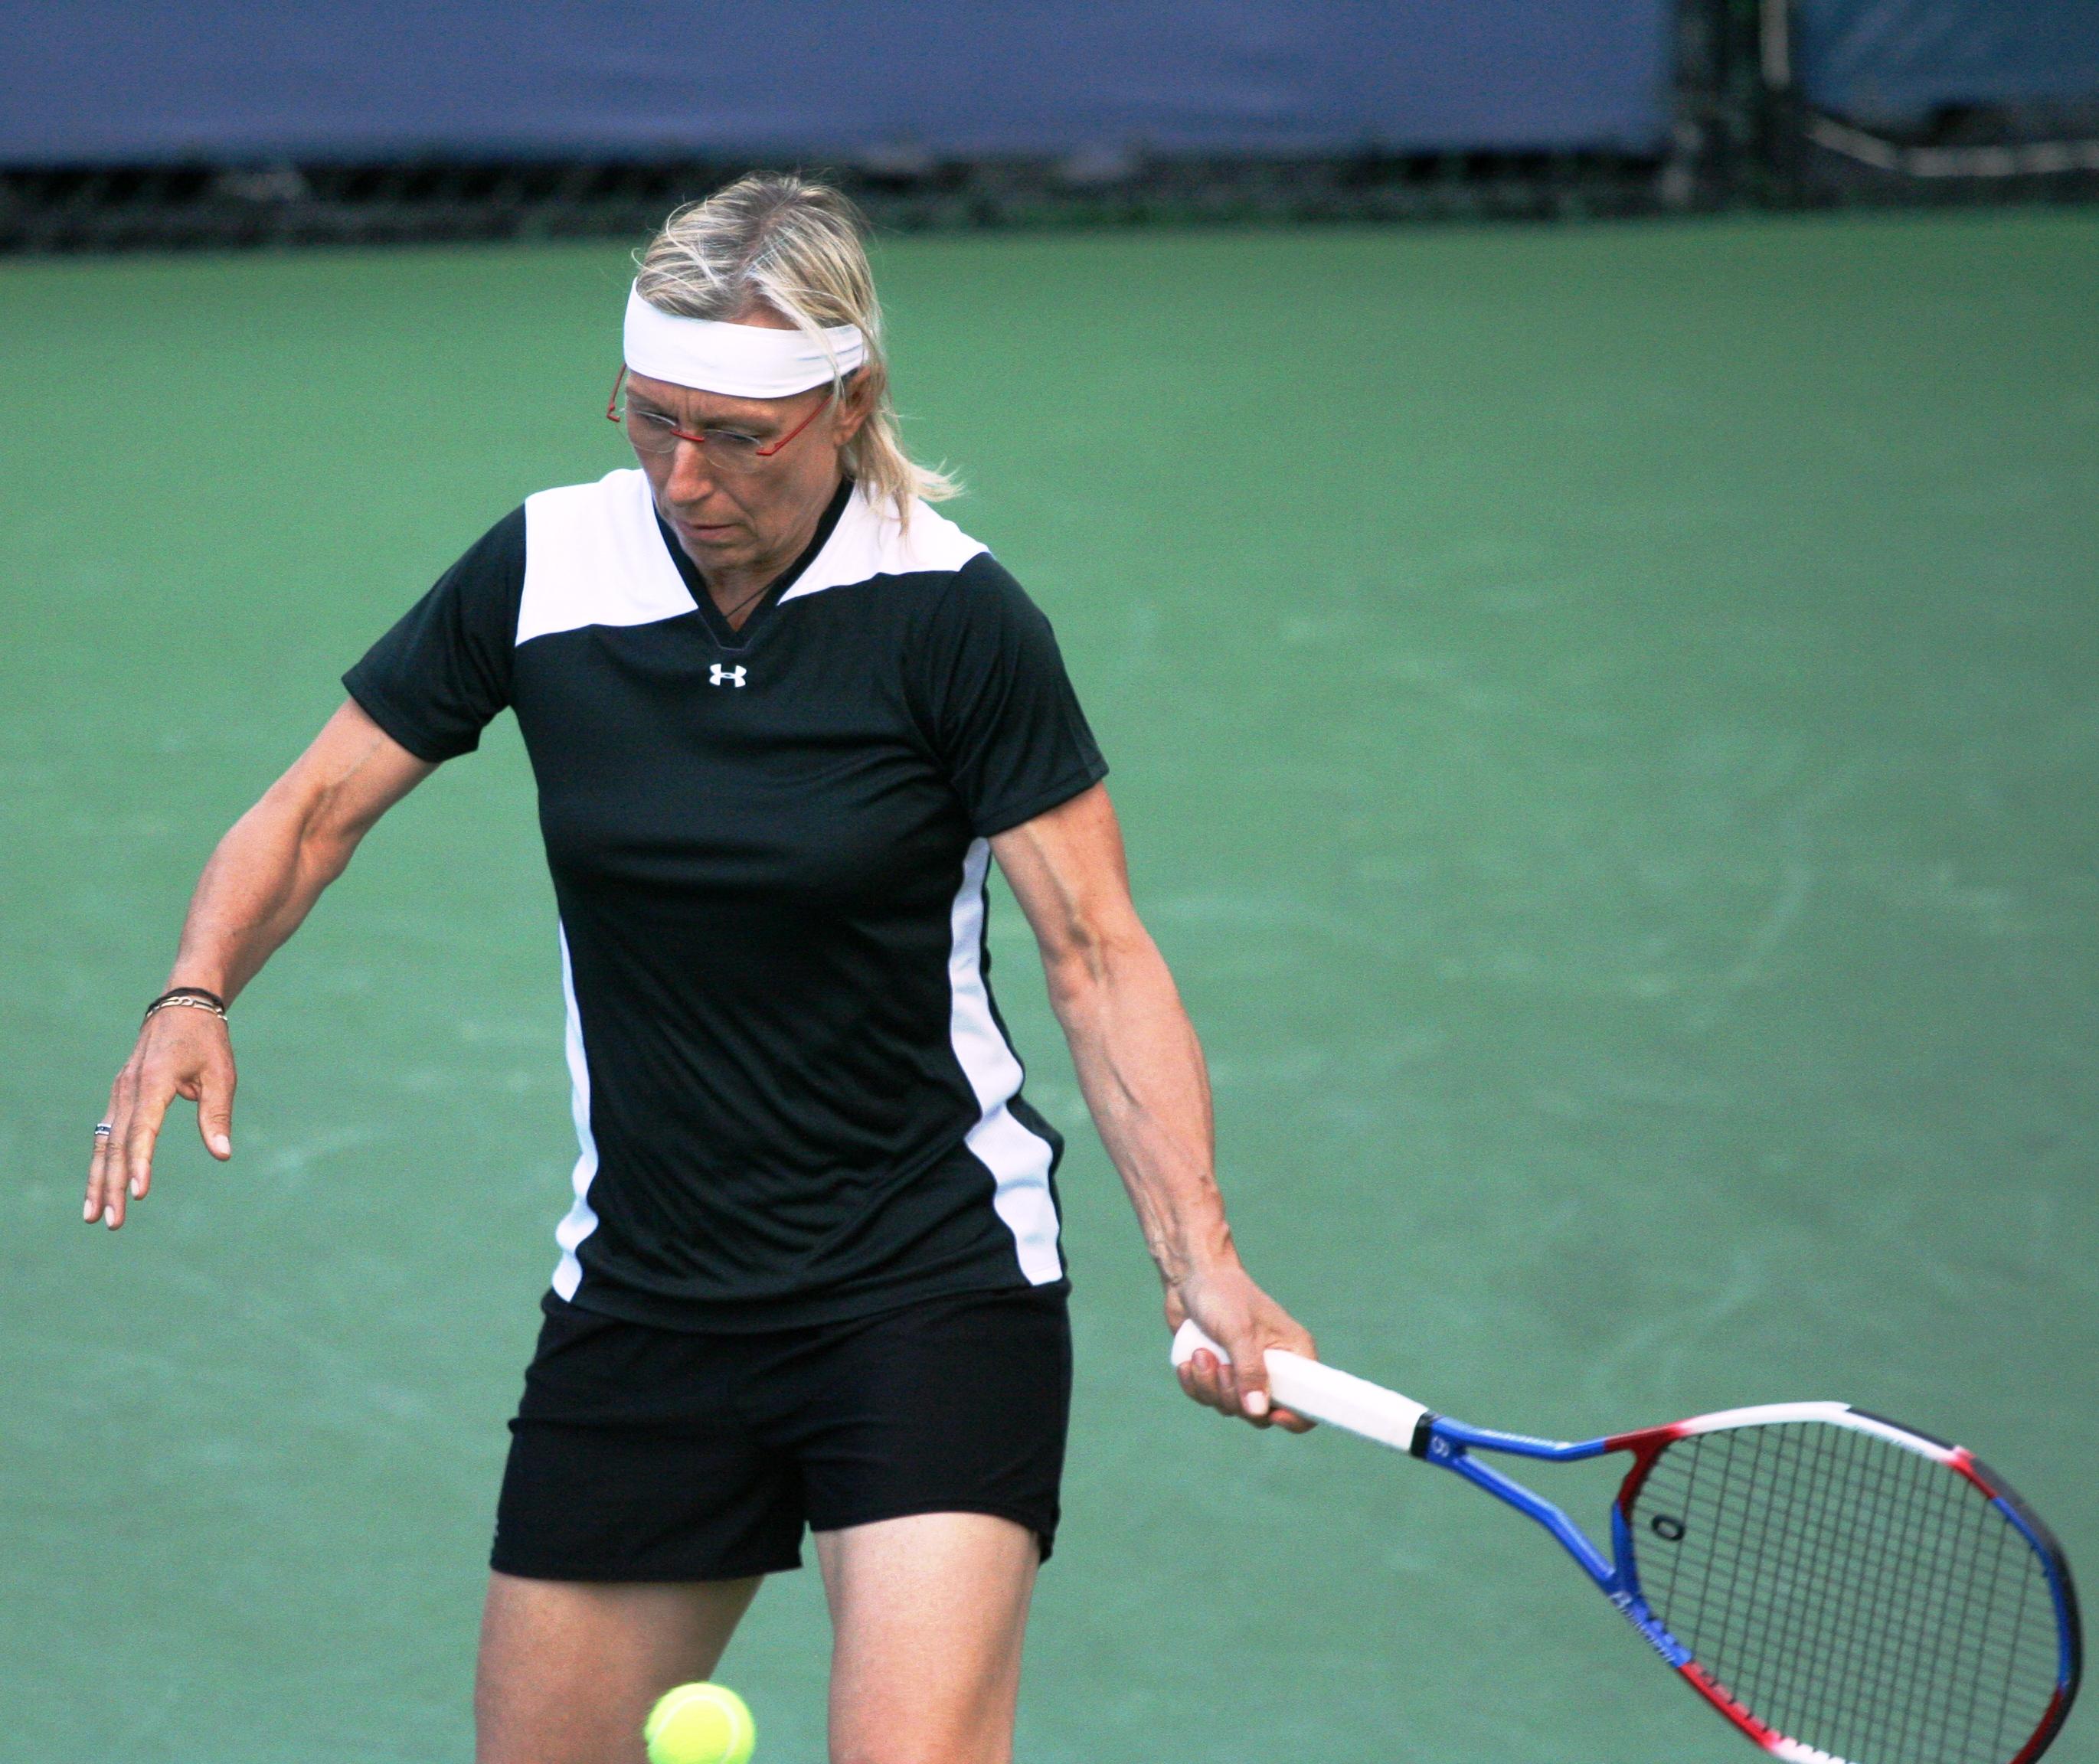 File Martina Navrátilová at the 2010 US Open 02 Wikimedia